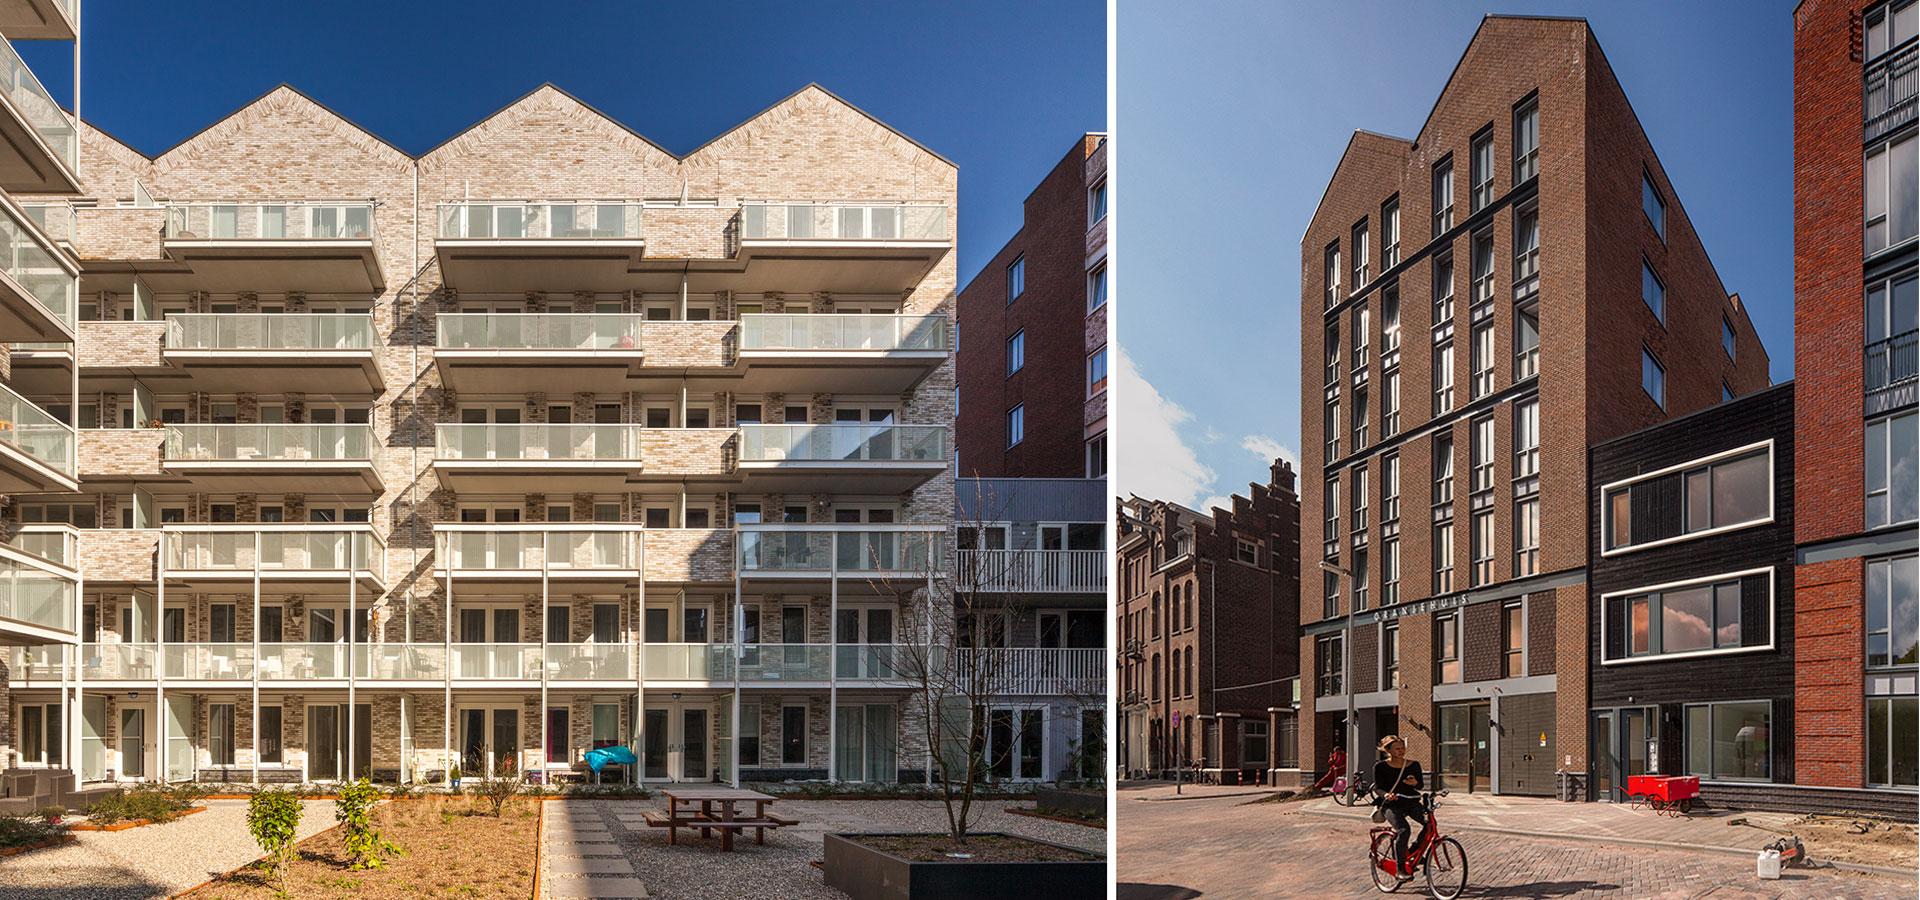 FARO-architecten-Kwintijn-1-Amsterdam-11